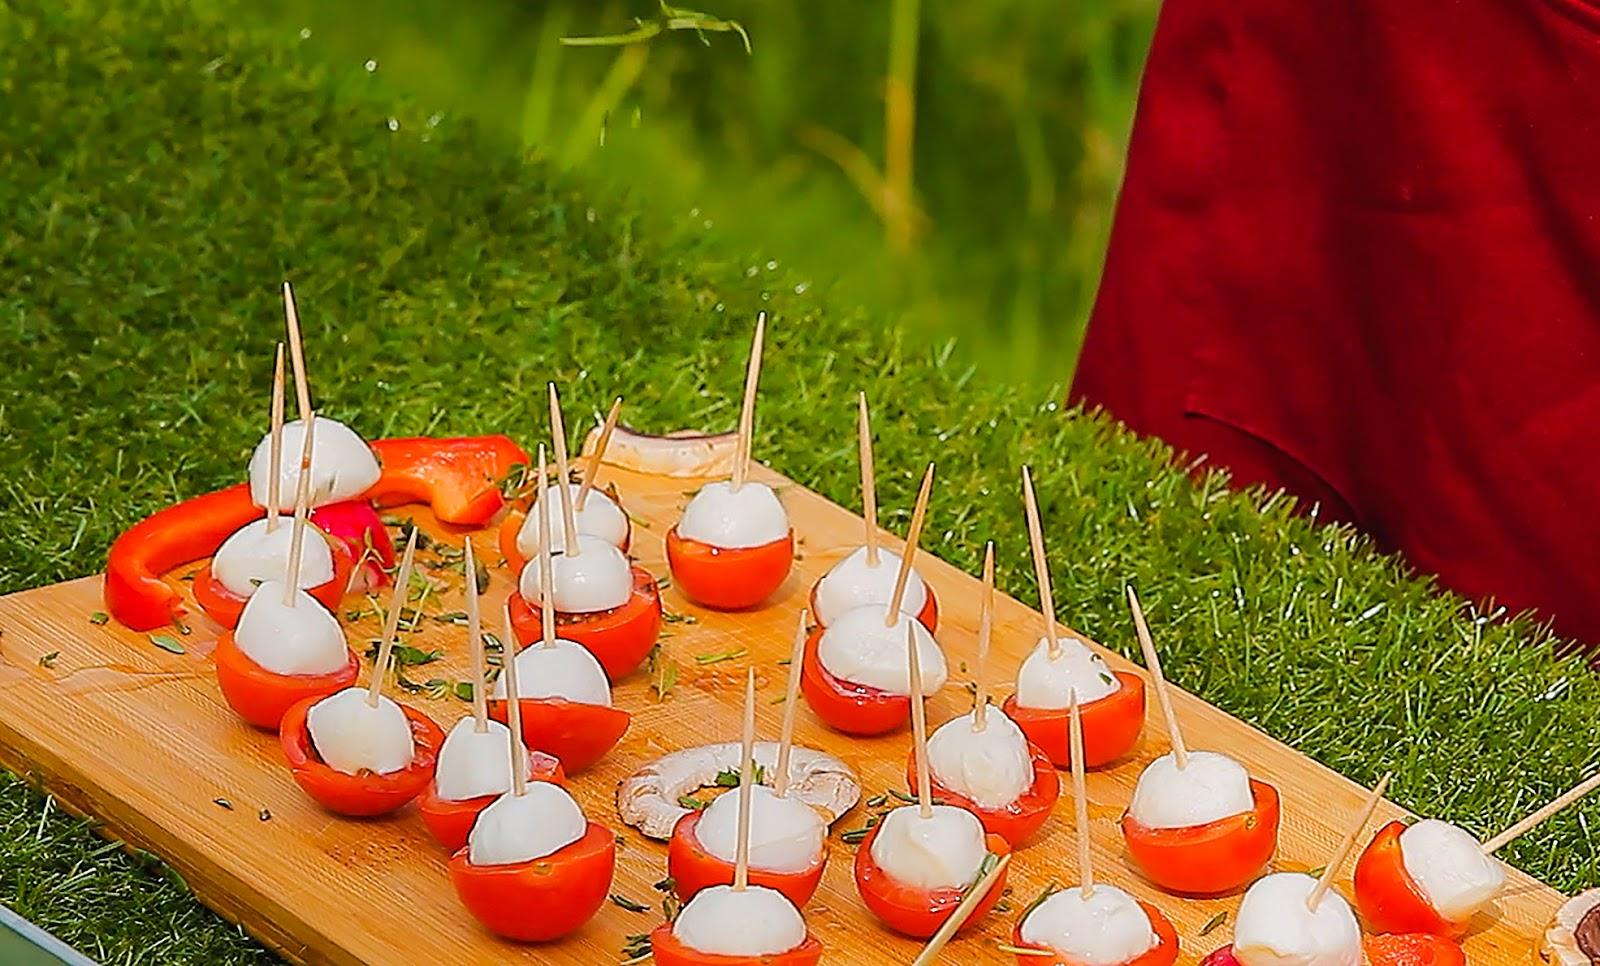 przepis na koreczki imprezowe propozycje przekąsek przekąski na urodziny pomysły na jedzenie dodatki dania z sera i pomidorów